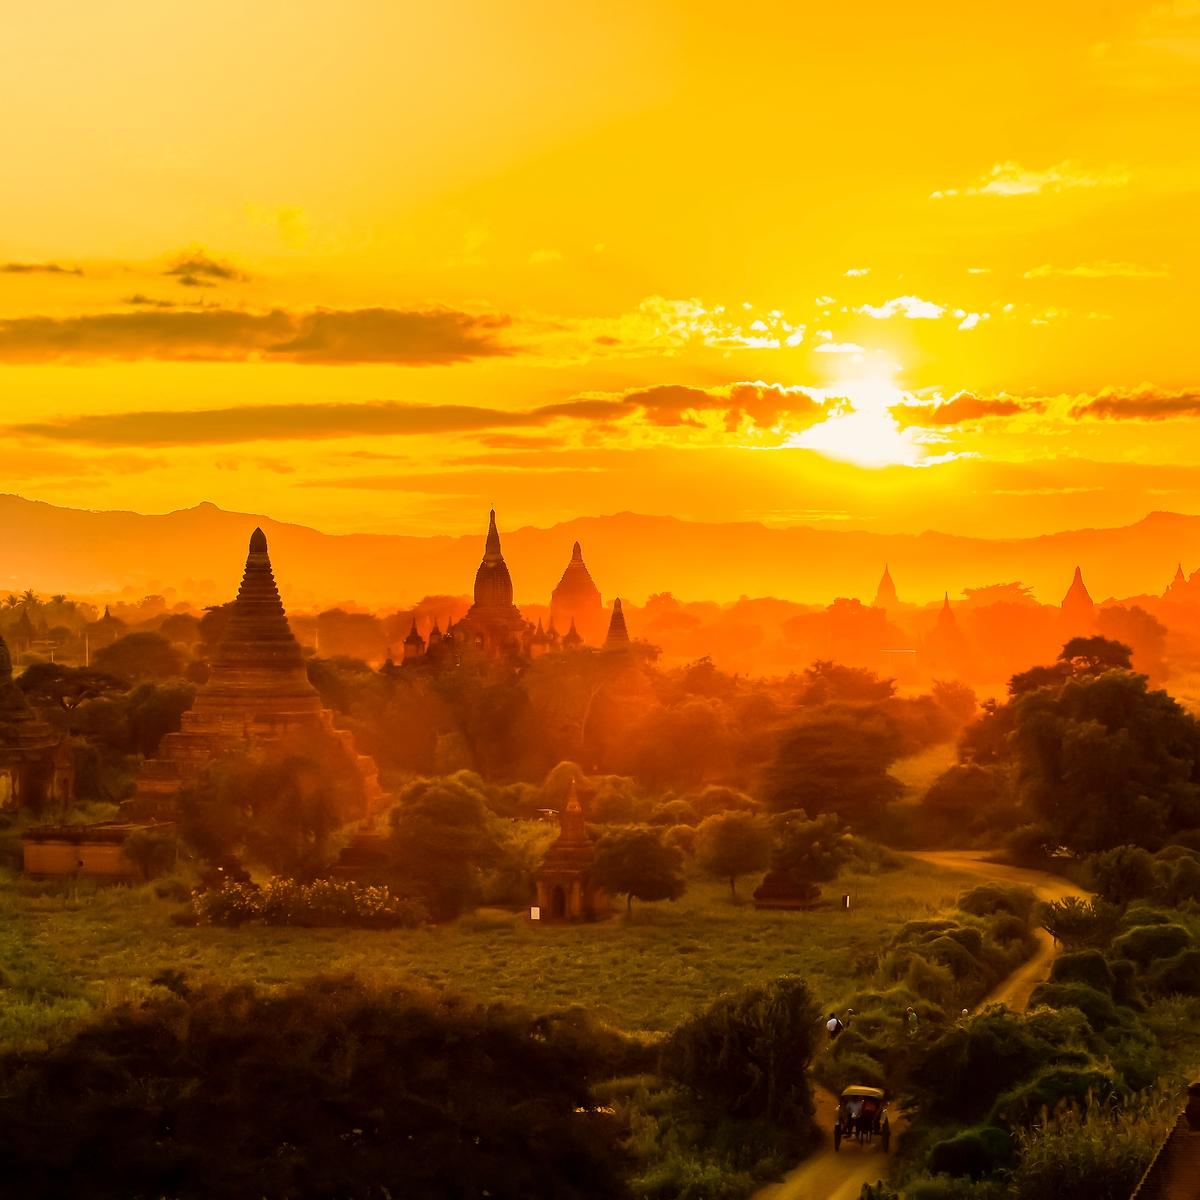 Der ultimative Reiseführer für Südostasien: Myanmar